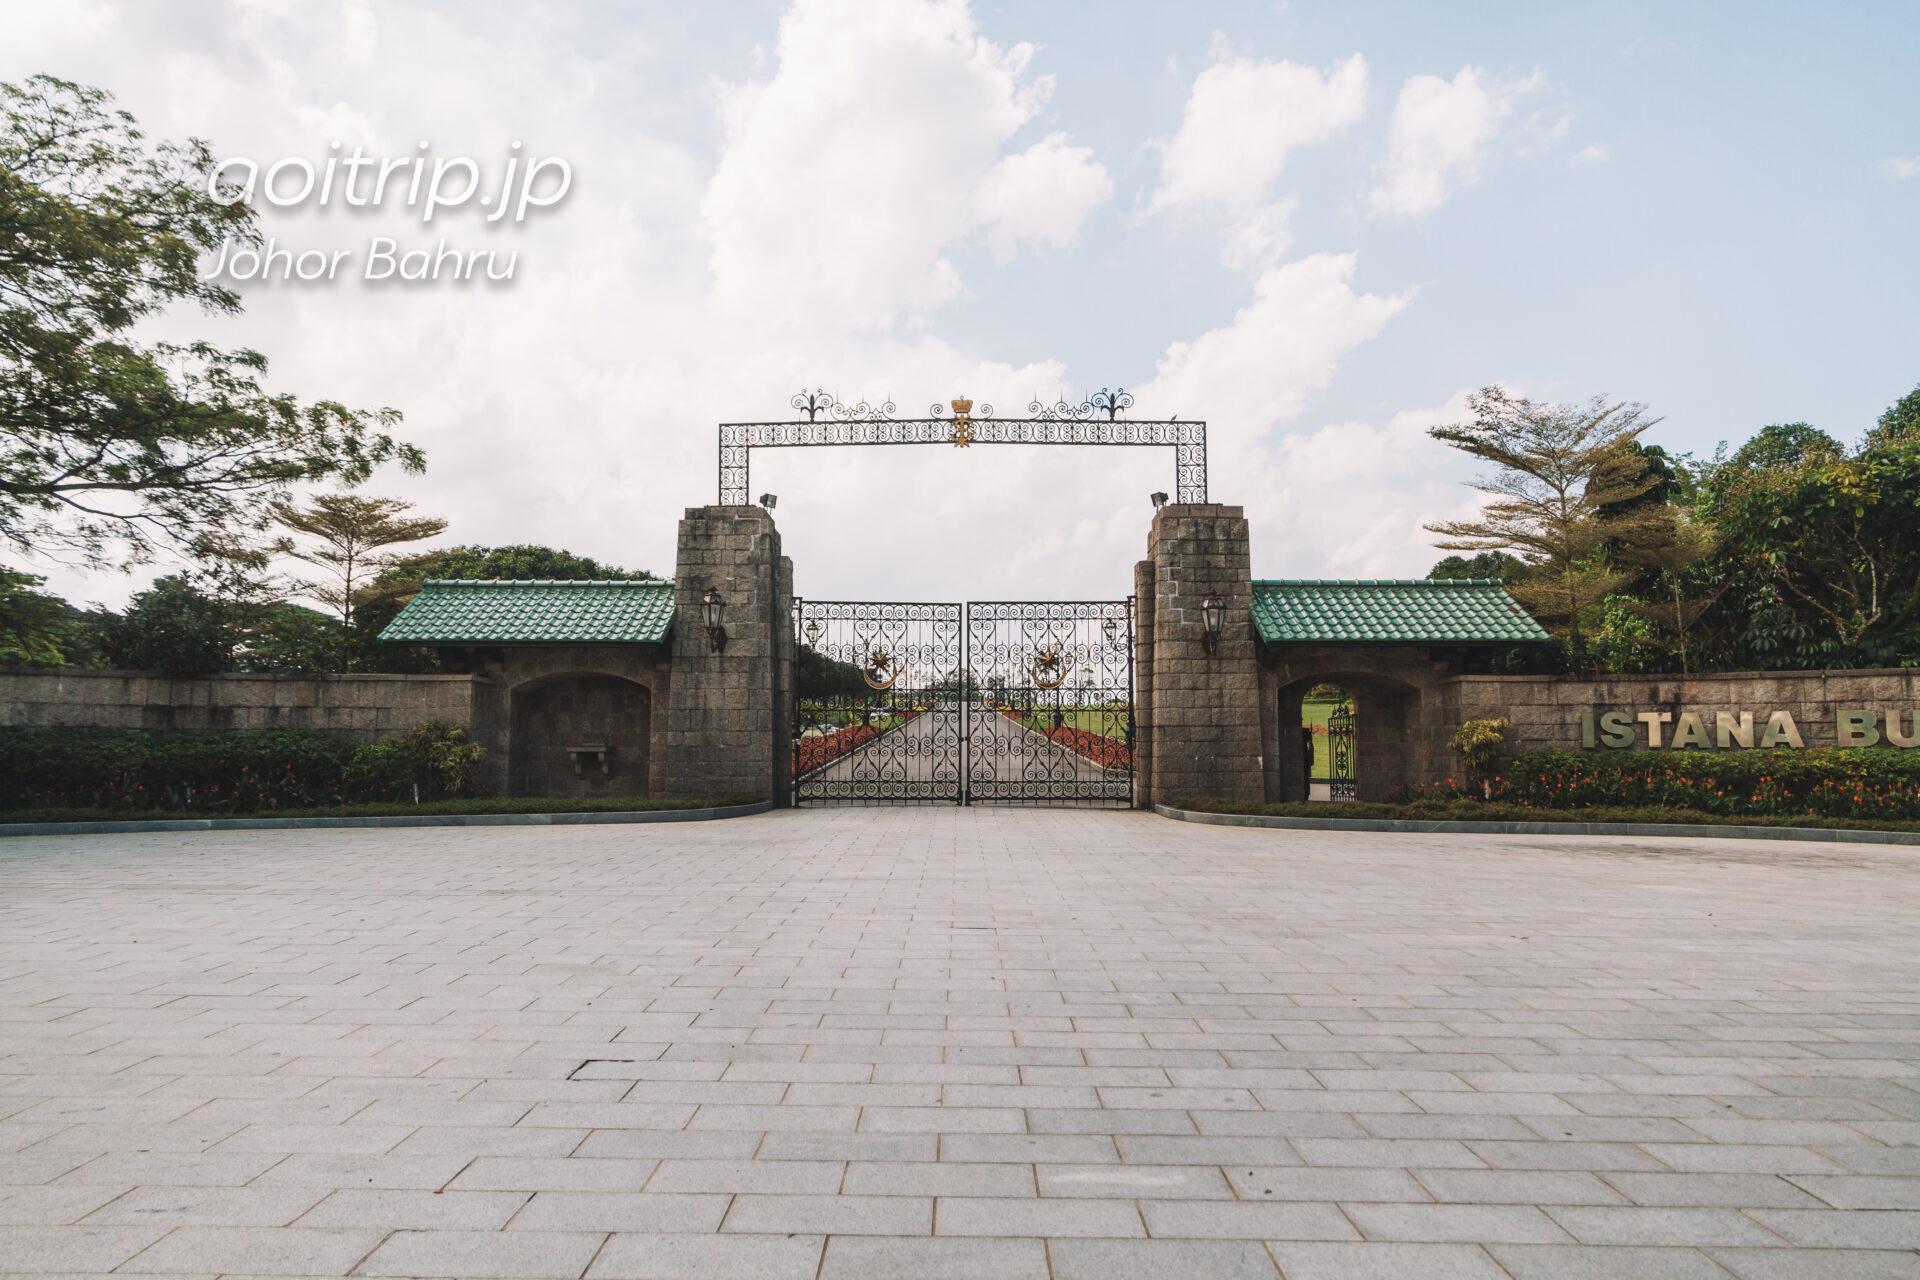 ジョホールバル ブキットセレネ宮殿 Istana Bukit Serene